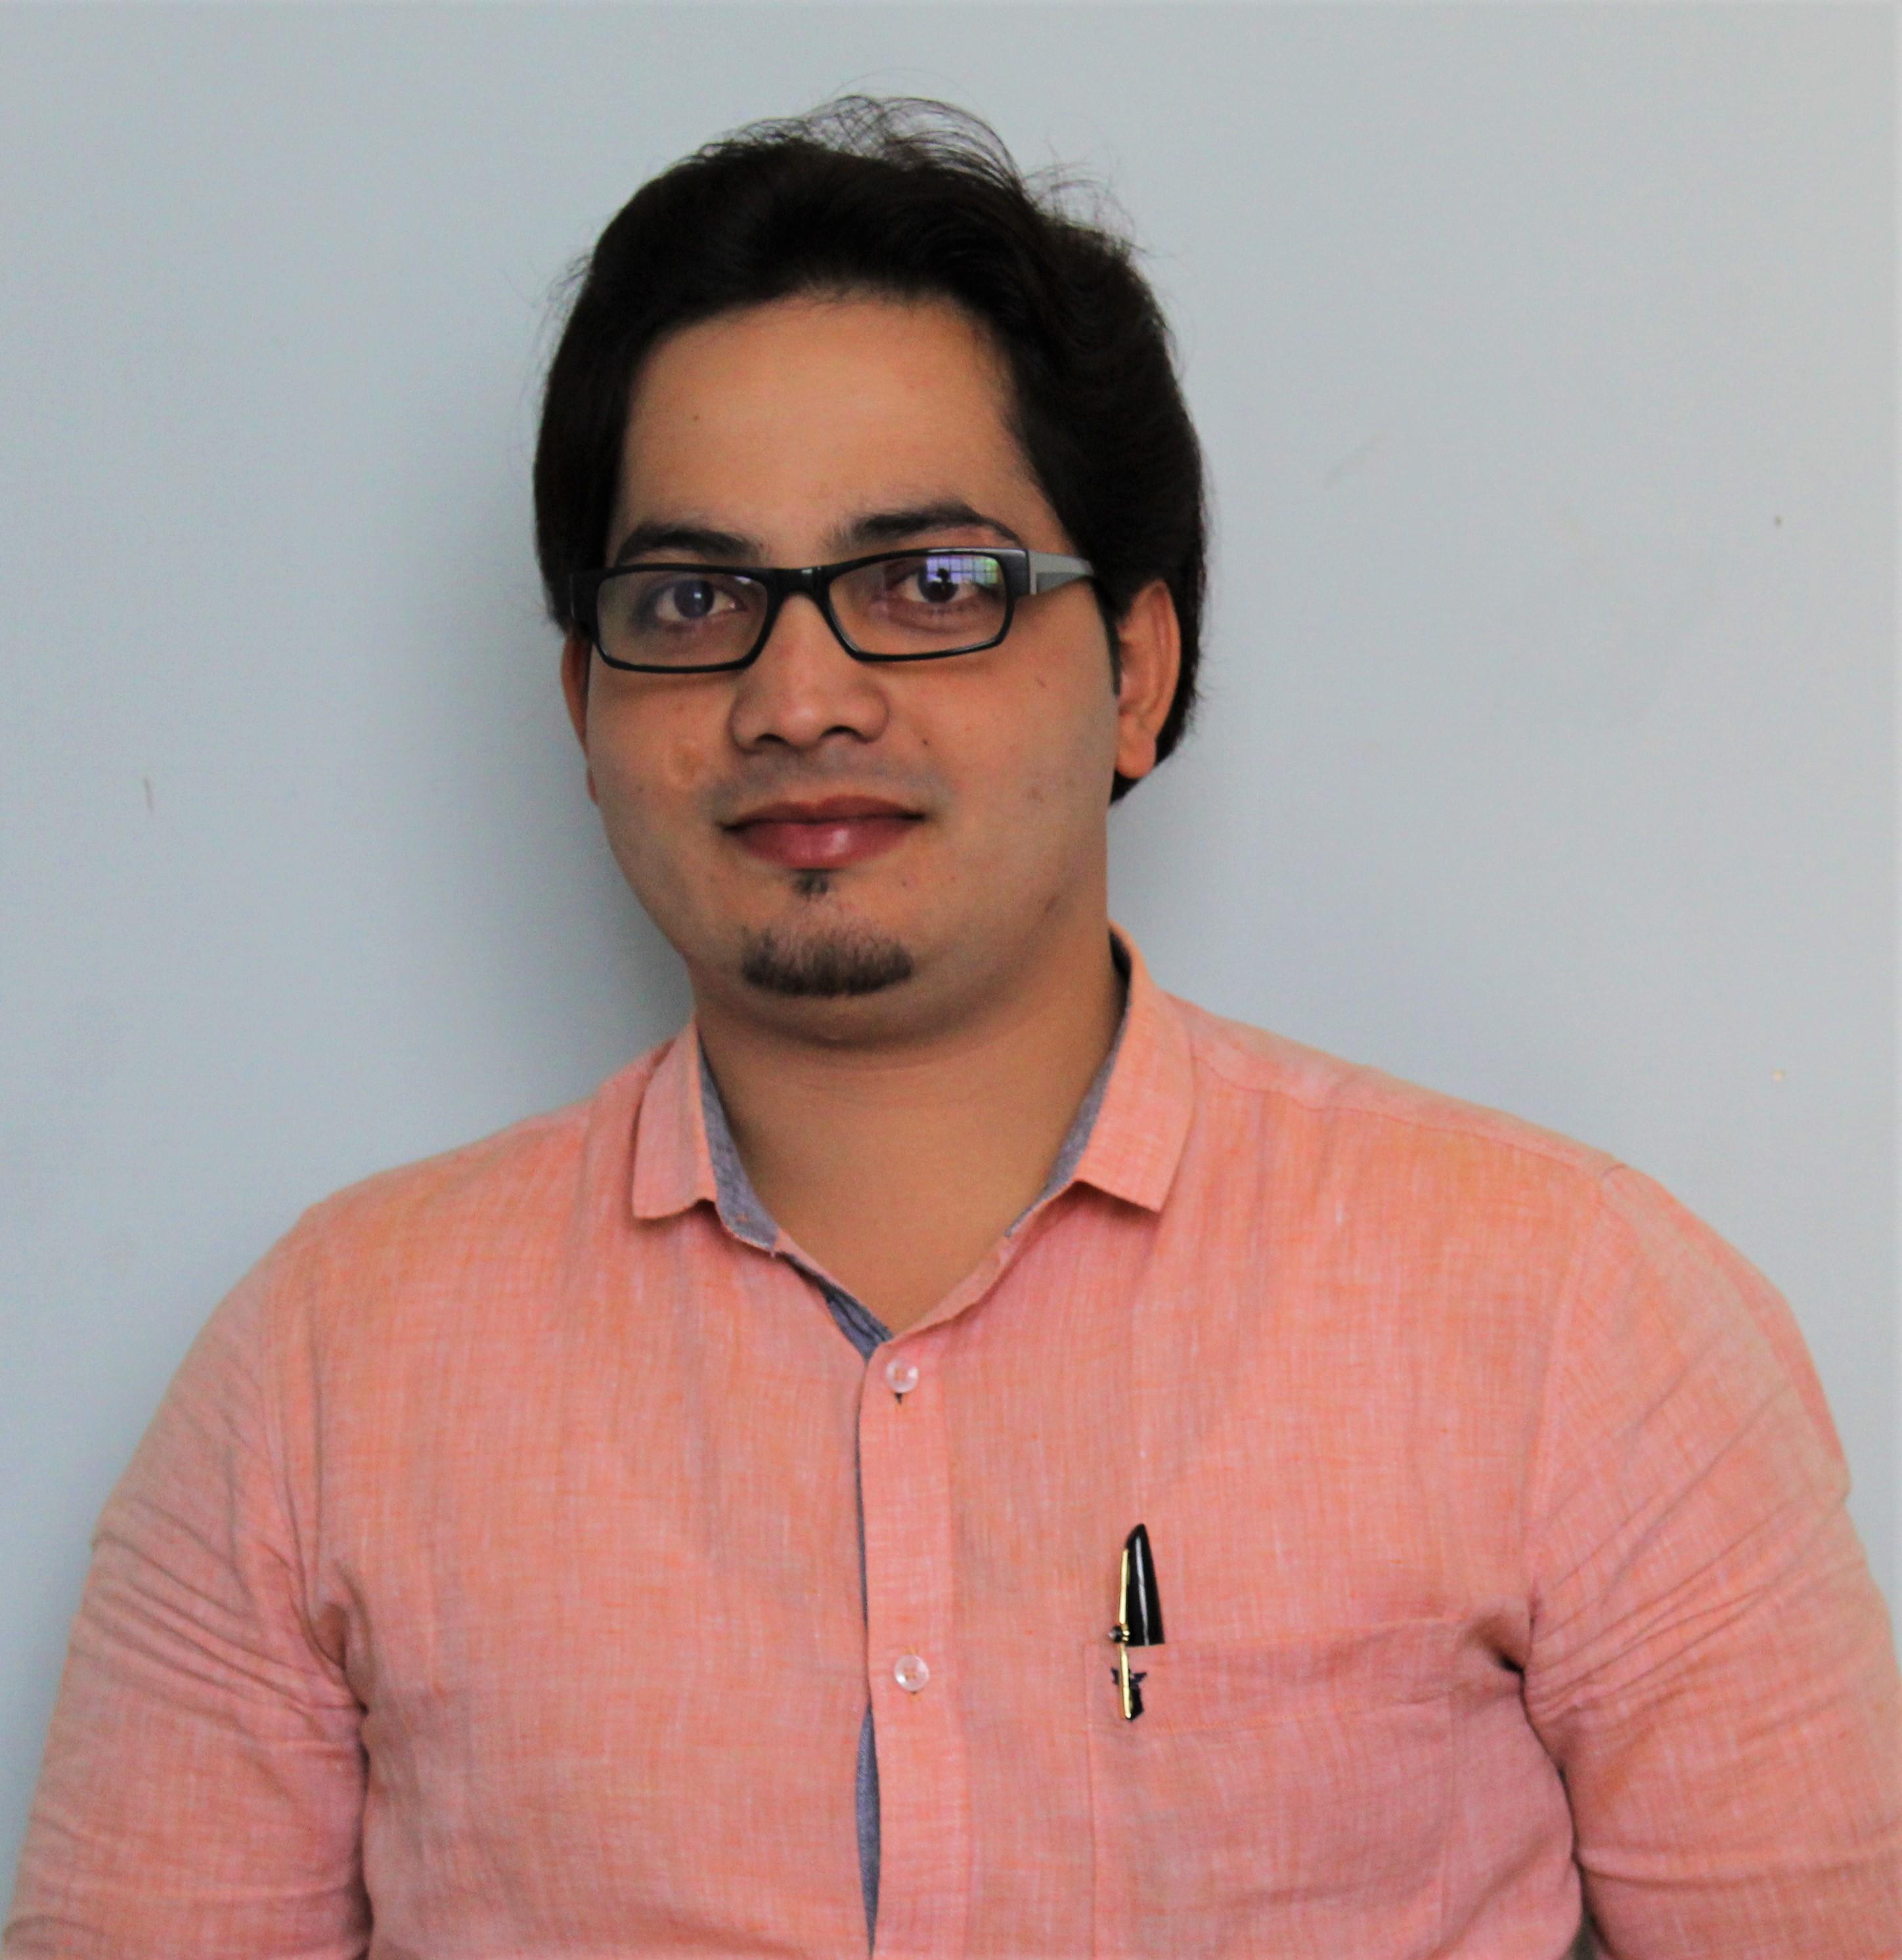 Farman Ali Khan